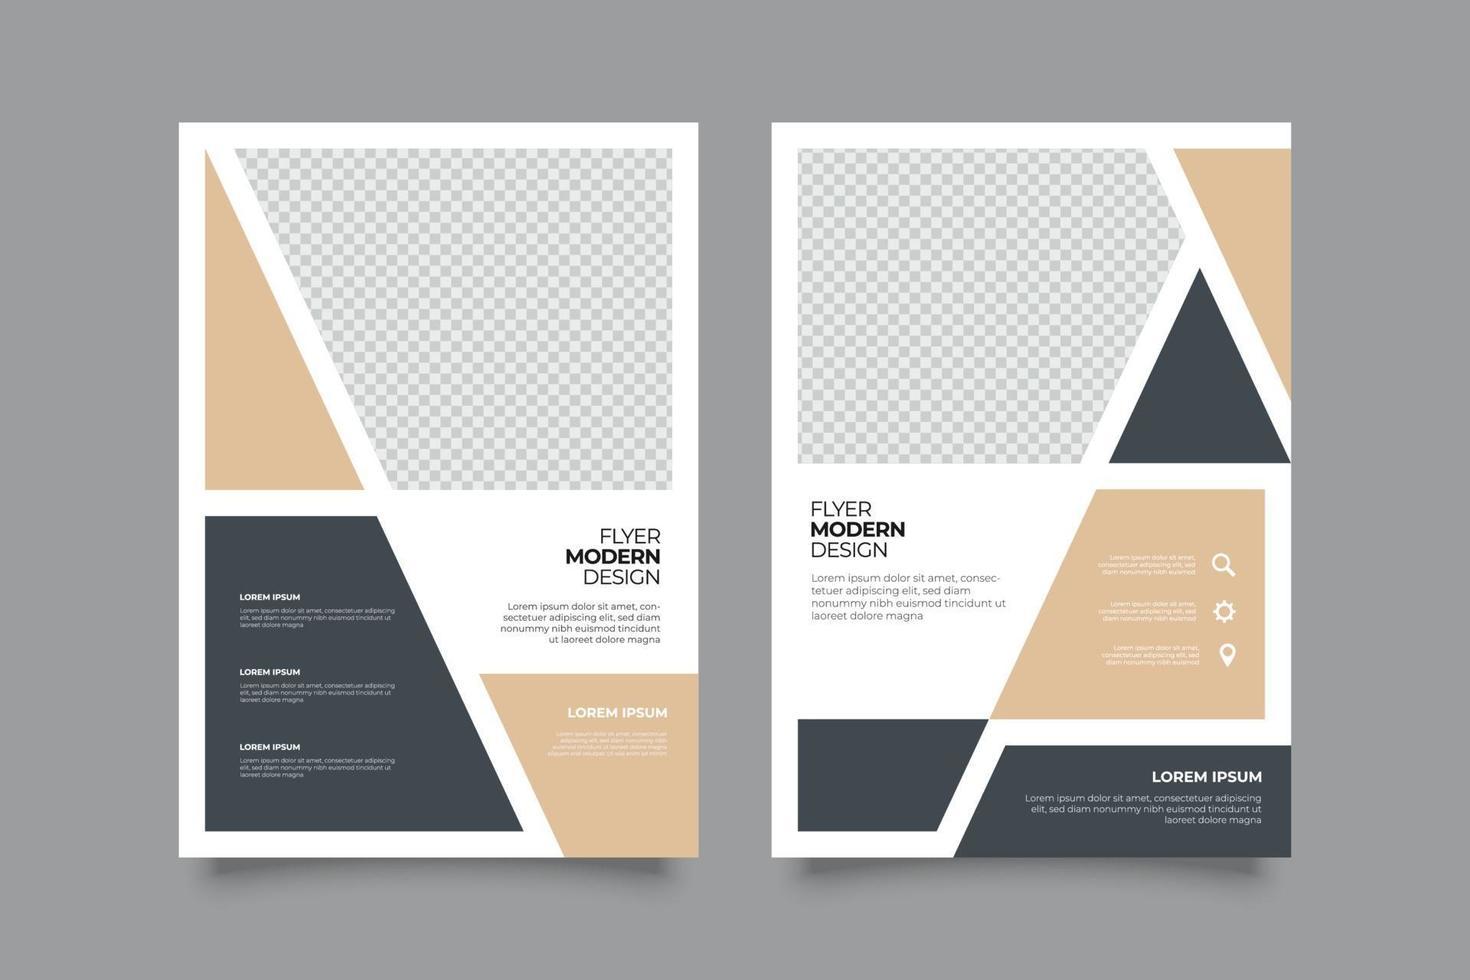 minimalistisk webinar-flygbladmall med former vektor